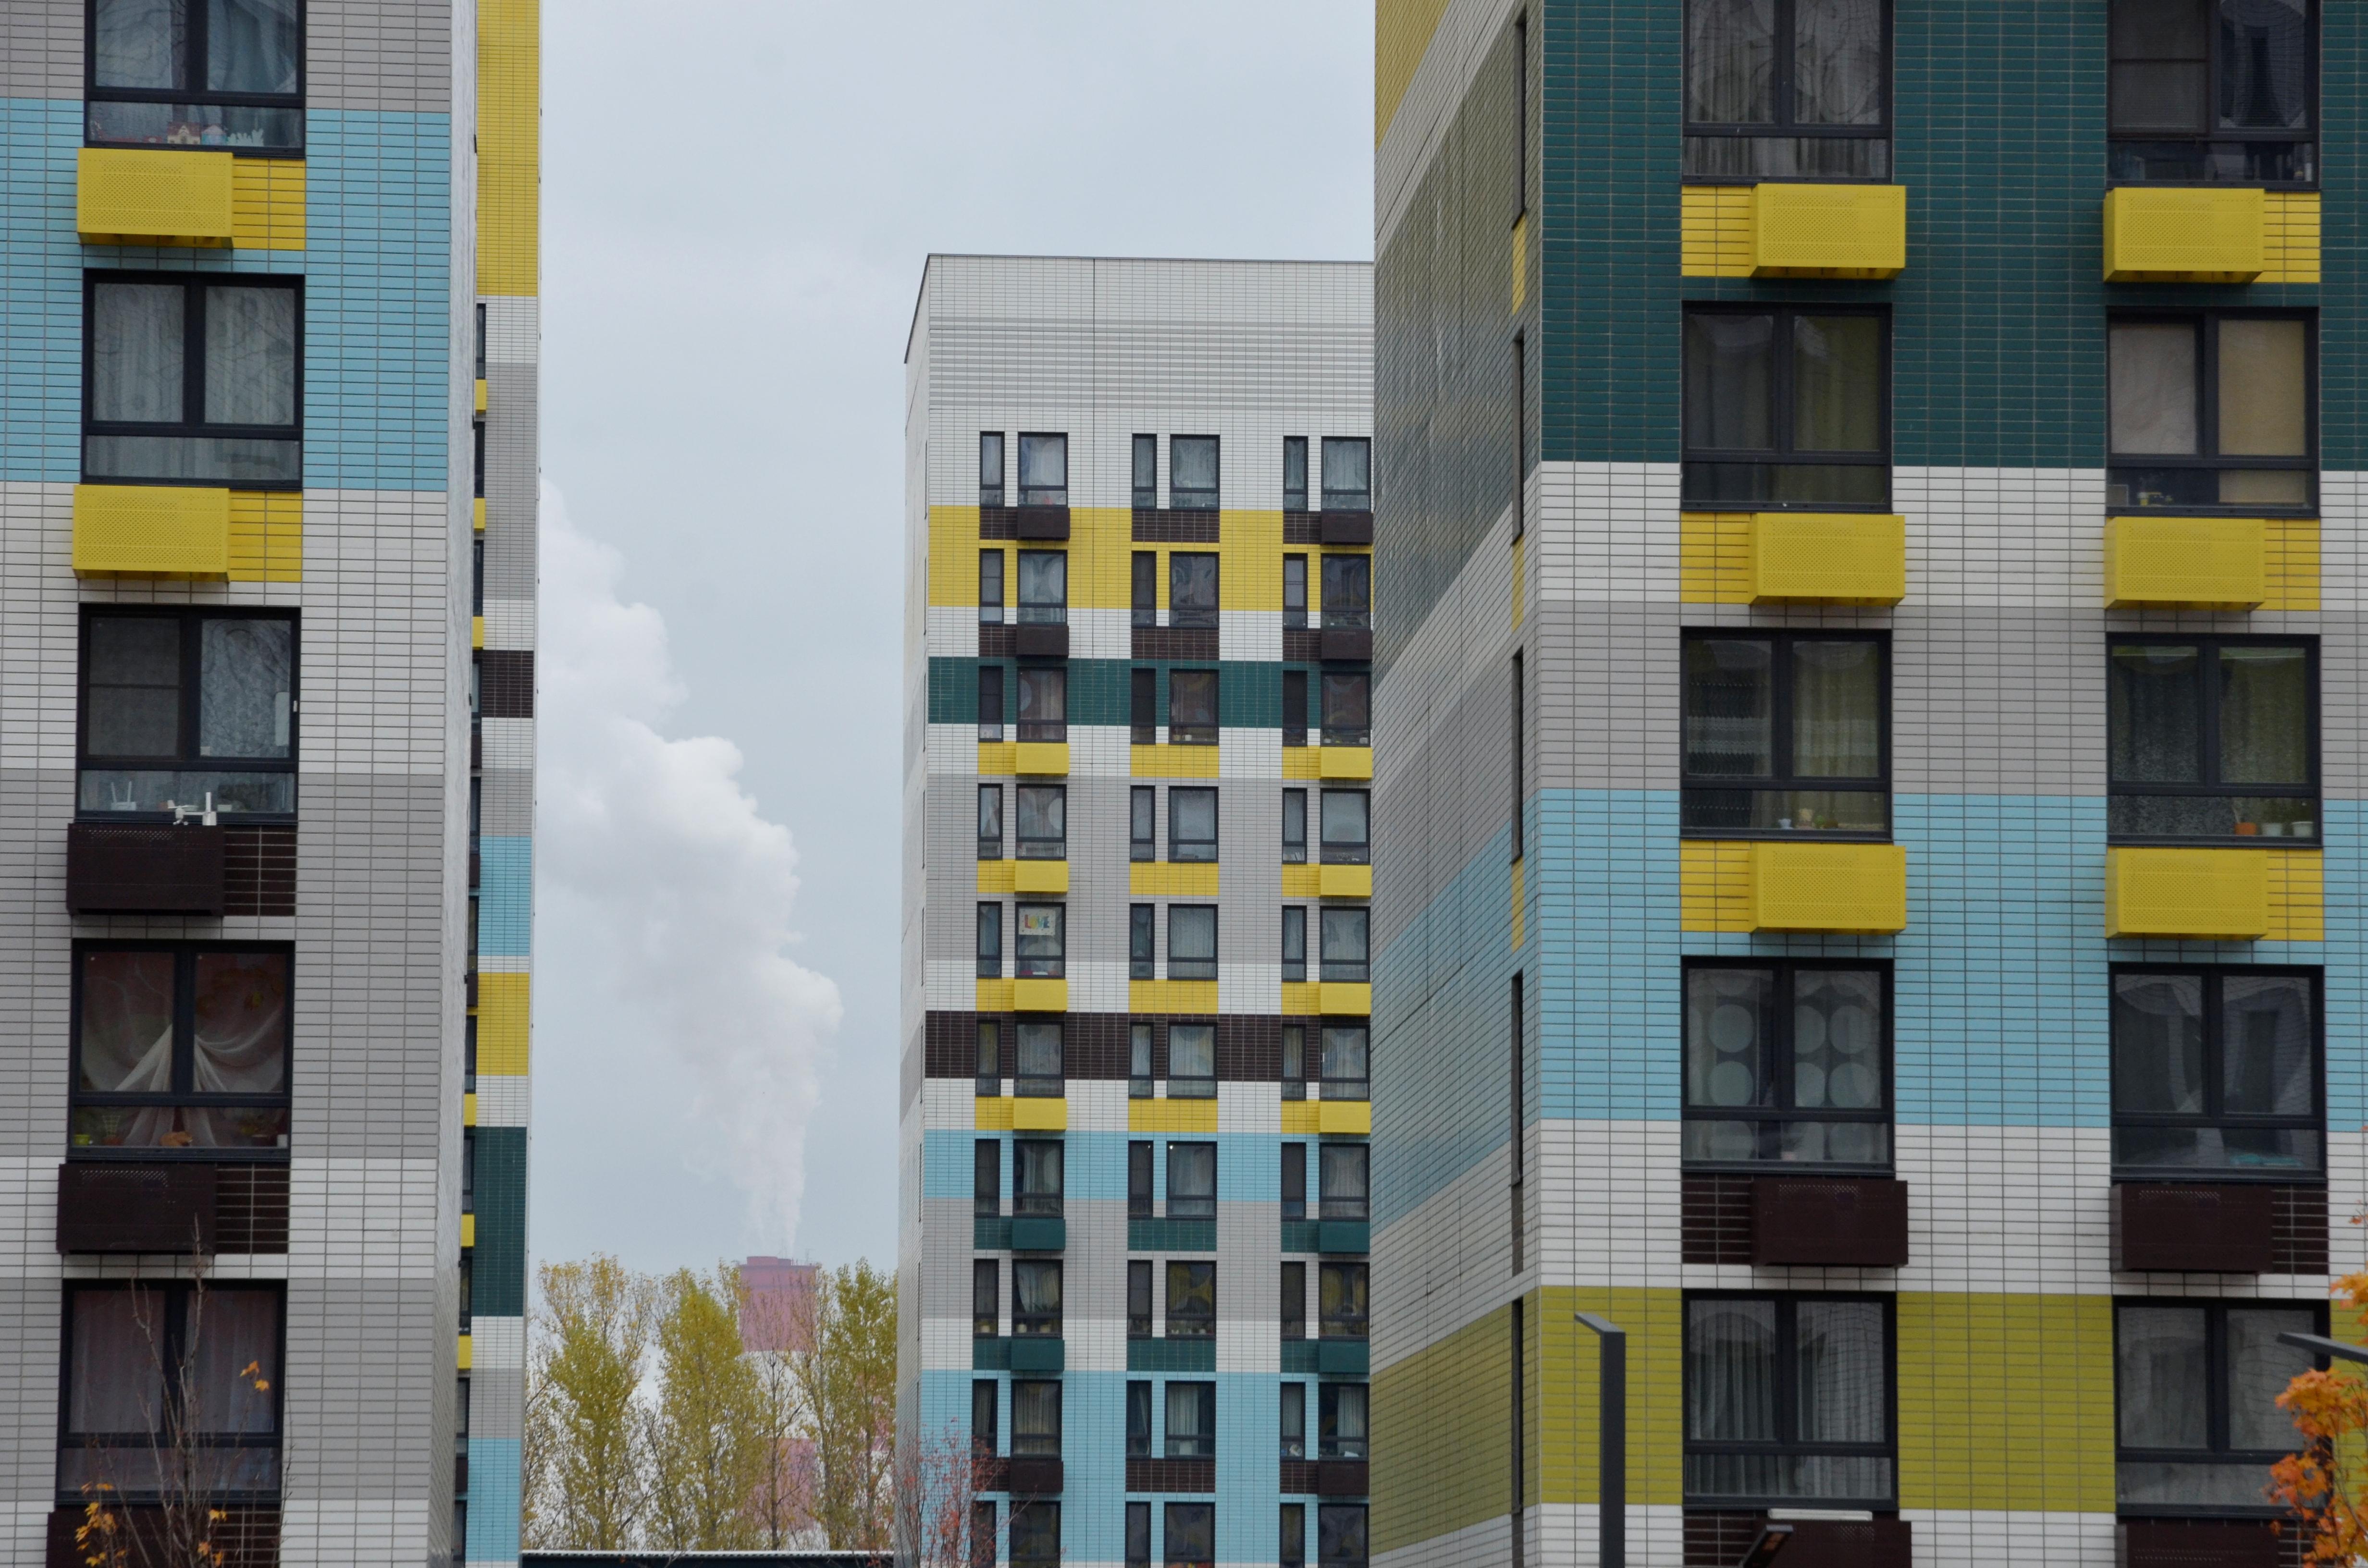 Москвичам передадут 17 новостроек в рамках улучшения жилищных условий